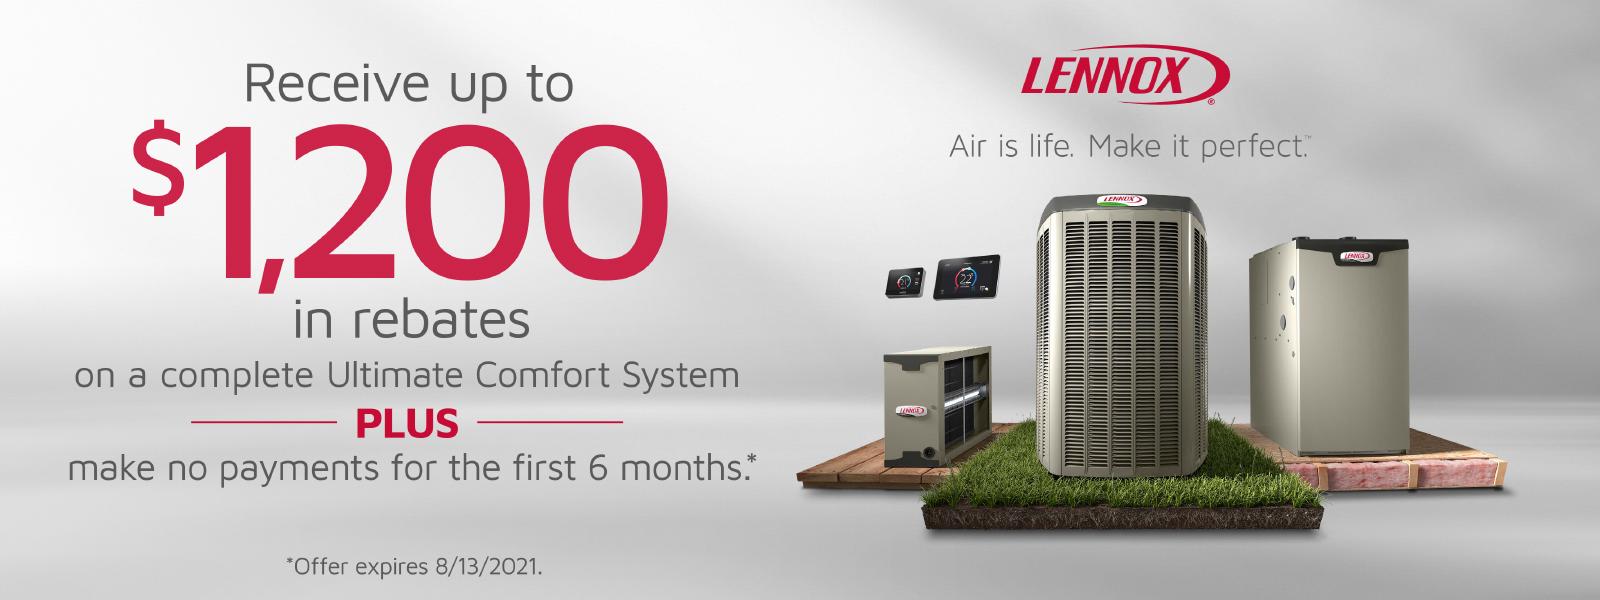 Lennox rebate up to $1,200